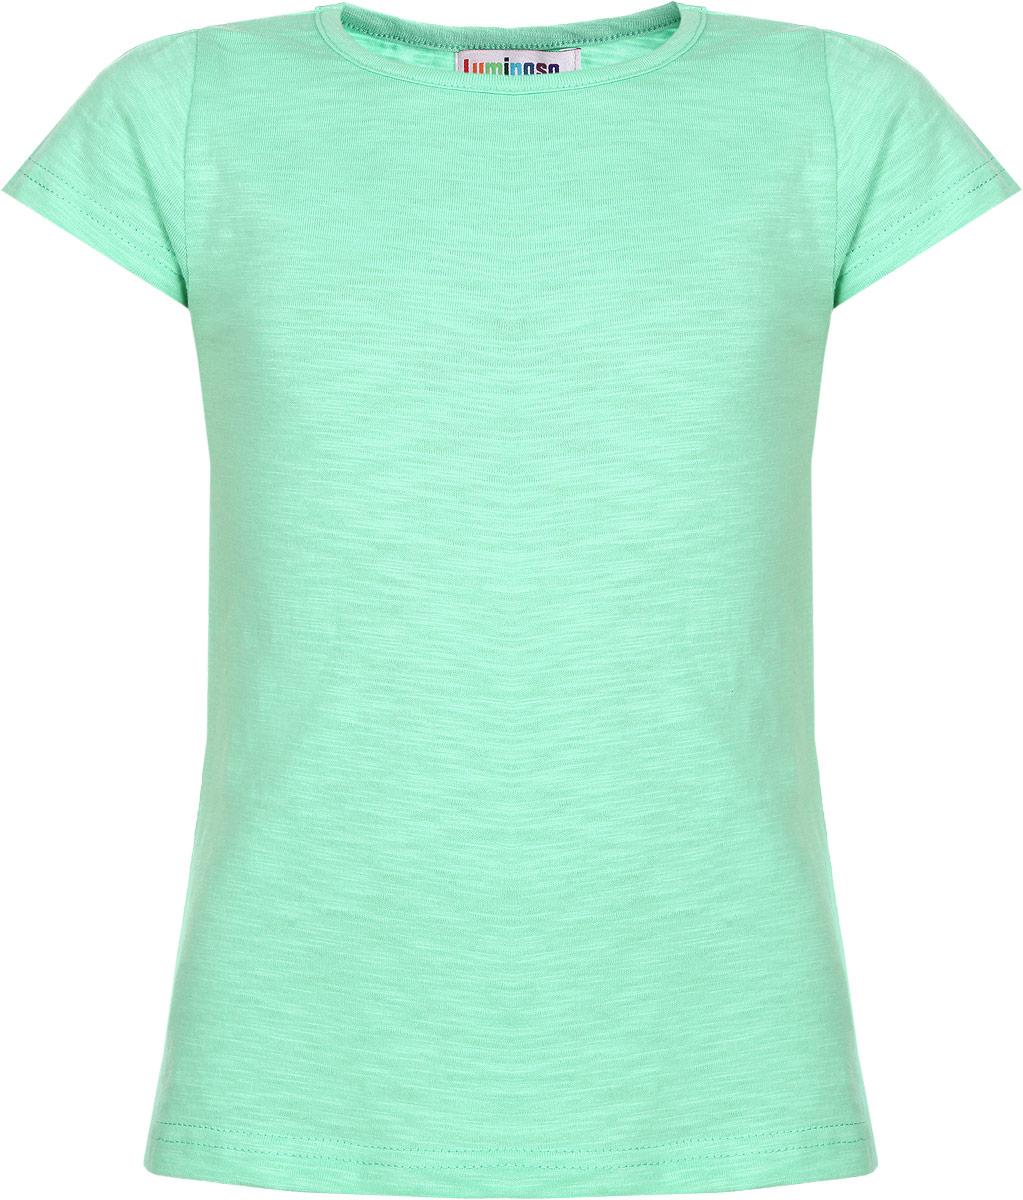 Футболка для девочки Luminoso, цвет: светло-зеленый. 195857. Размер 146, 11 лет195857Очаровательная футболка для девочки Luminoso идеально подойдет вашей доченьке. Изготовленная из натурального хлопка, она необычайно мягкая и приятная на ощупь, не сковывает движения и позволяет коже дышать, не раздражает даже самую нежную и чувствительную кожу ребенка, обеспечивая ему наибольший комфорт. Футболка с короткими рукавами и круглым вырезом горловины выполнена трапециевидным кроем. Рукава по линии плеча дополнены сборкой.Оригинальный современный дизайн и расцветка делают эту футболку модным и стильным предметом детского гардероба. В ней ваша юная модница будет чувствовать себя уютно и комфортно и всегда будет в центре внимания!